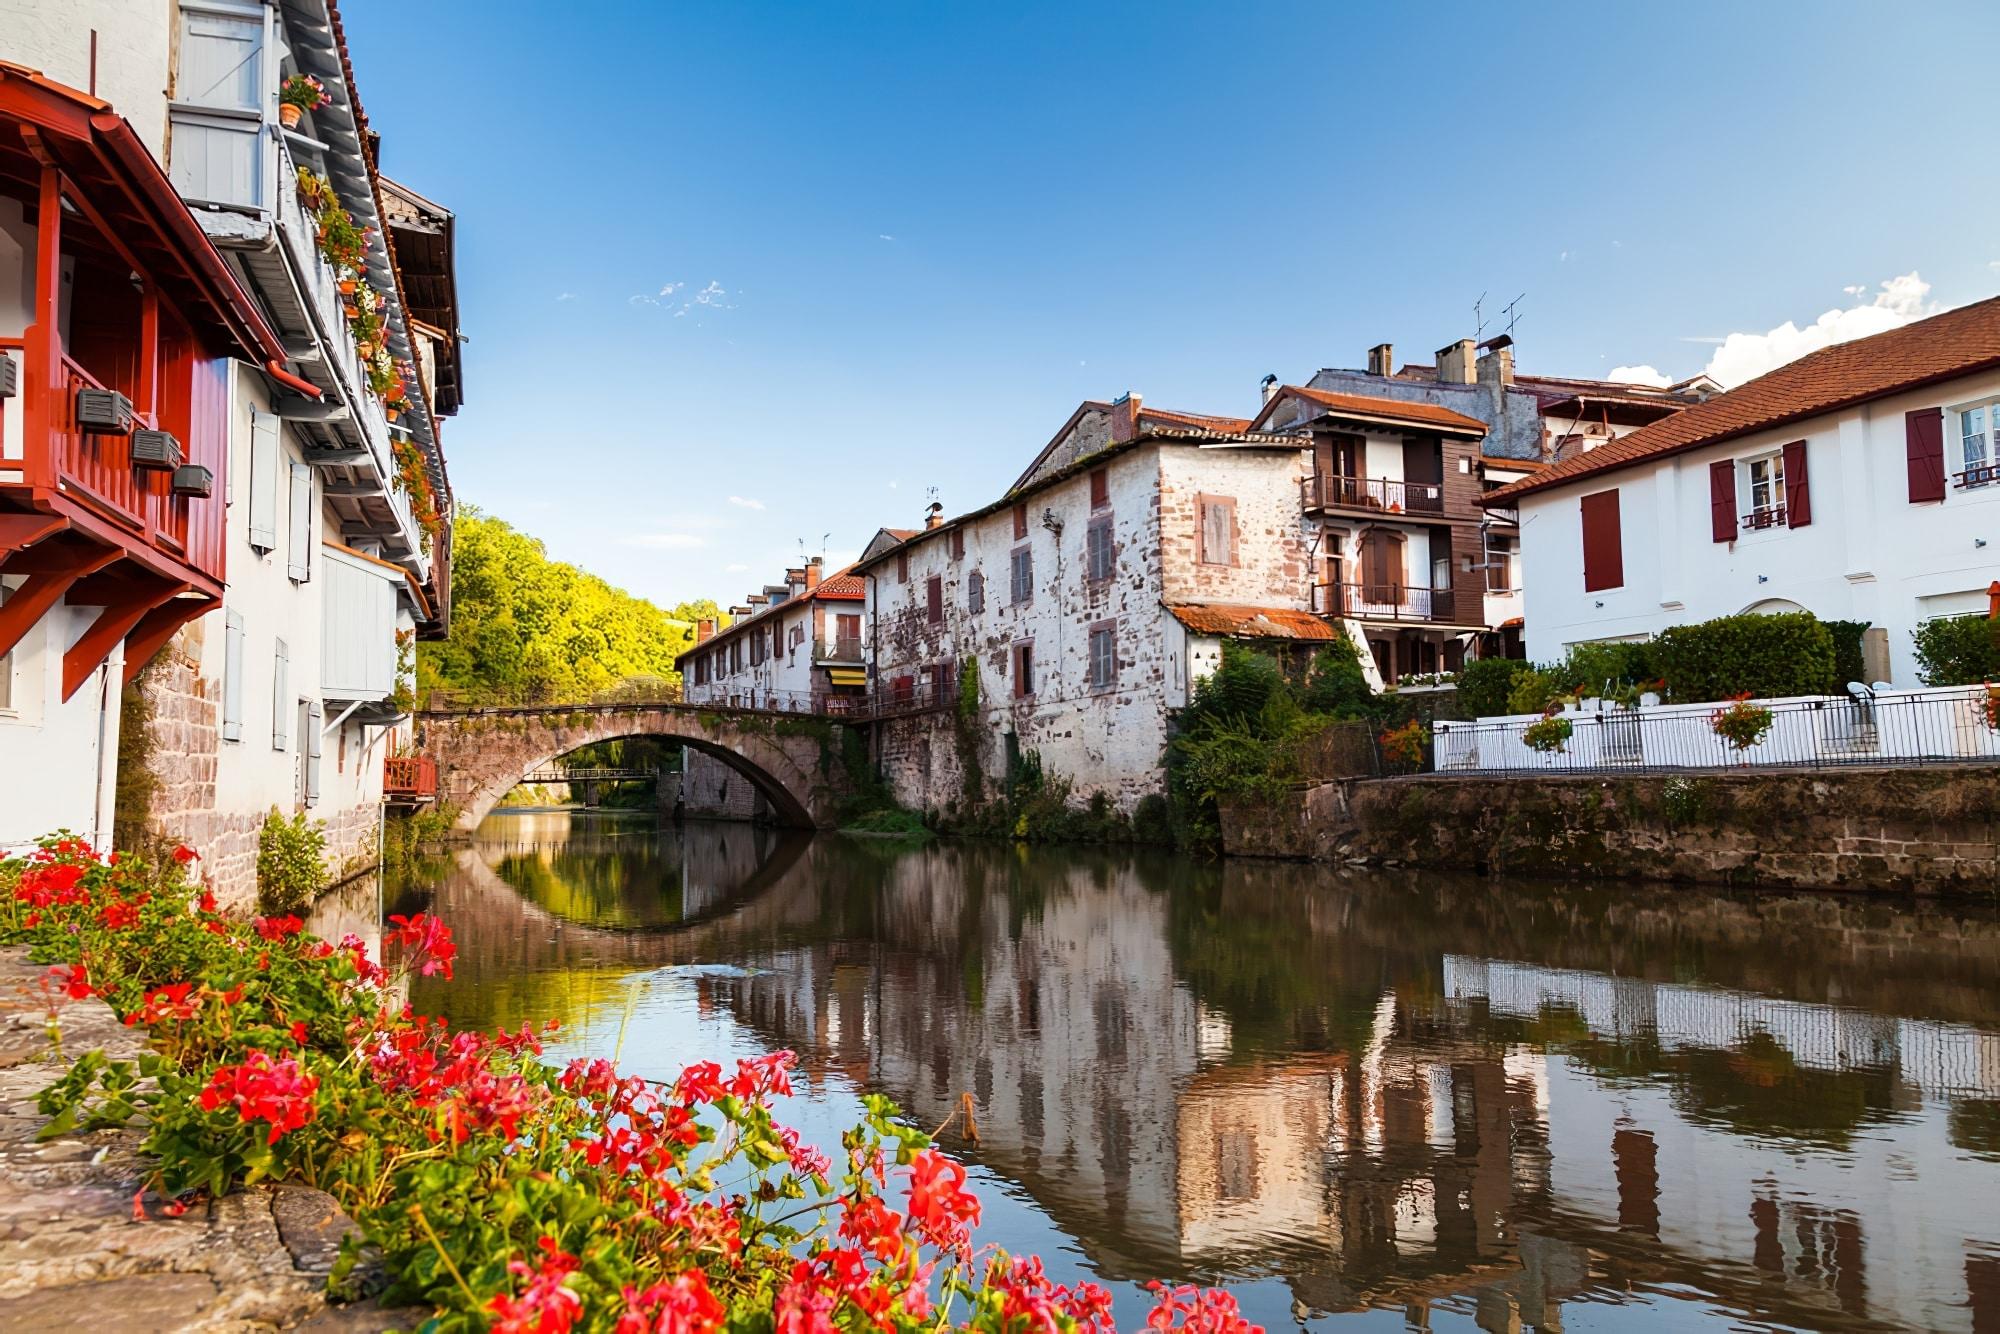 Plus beaux villages du Pays basque français : Saint-Jean-Pied-de-Port